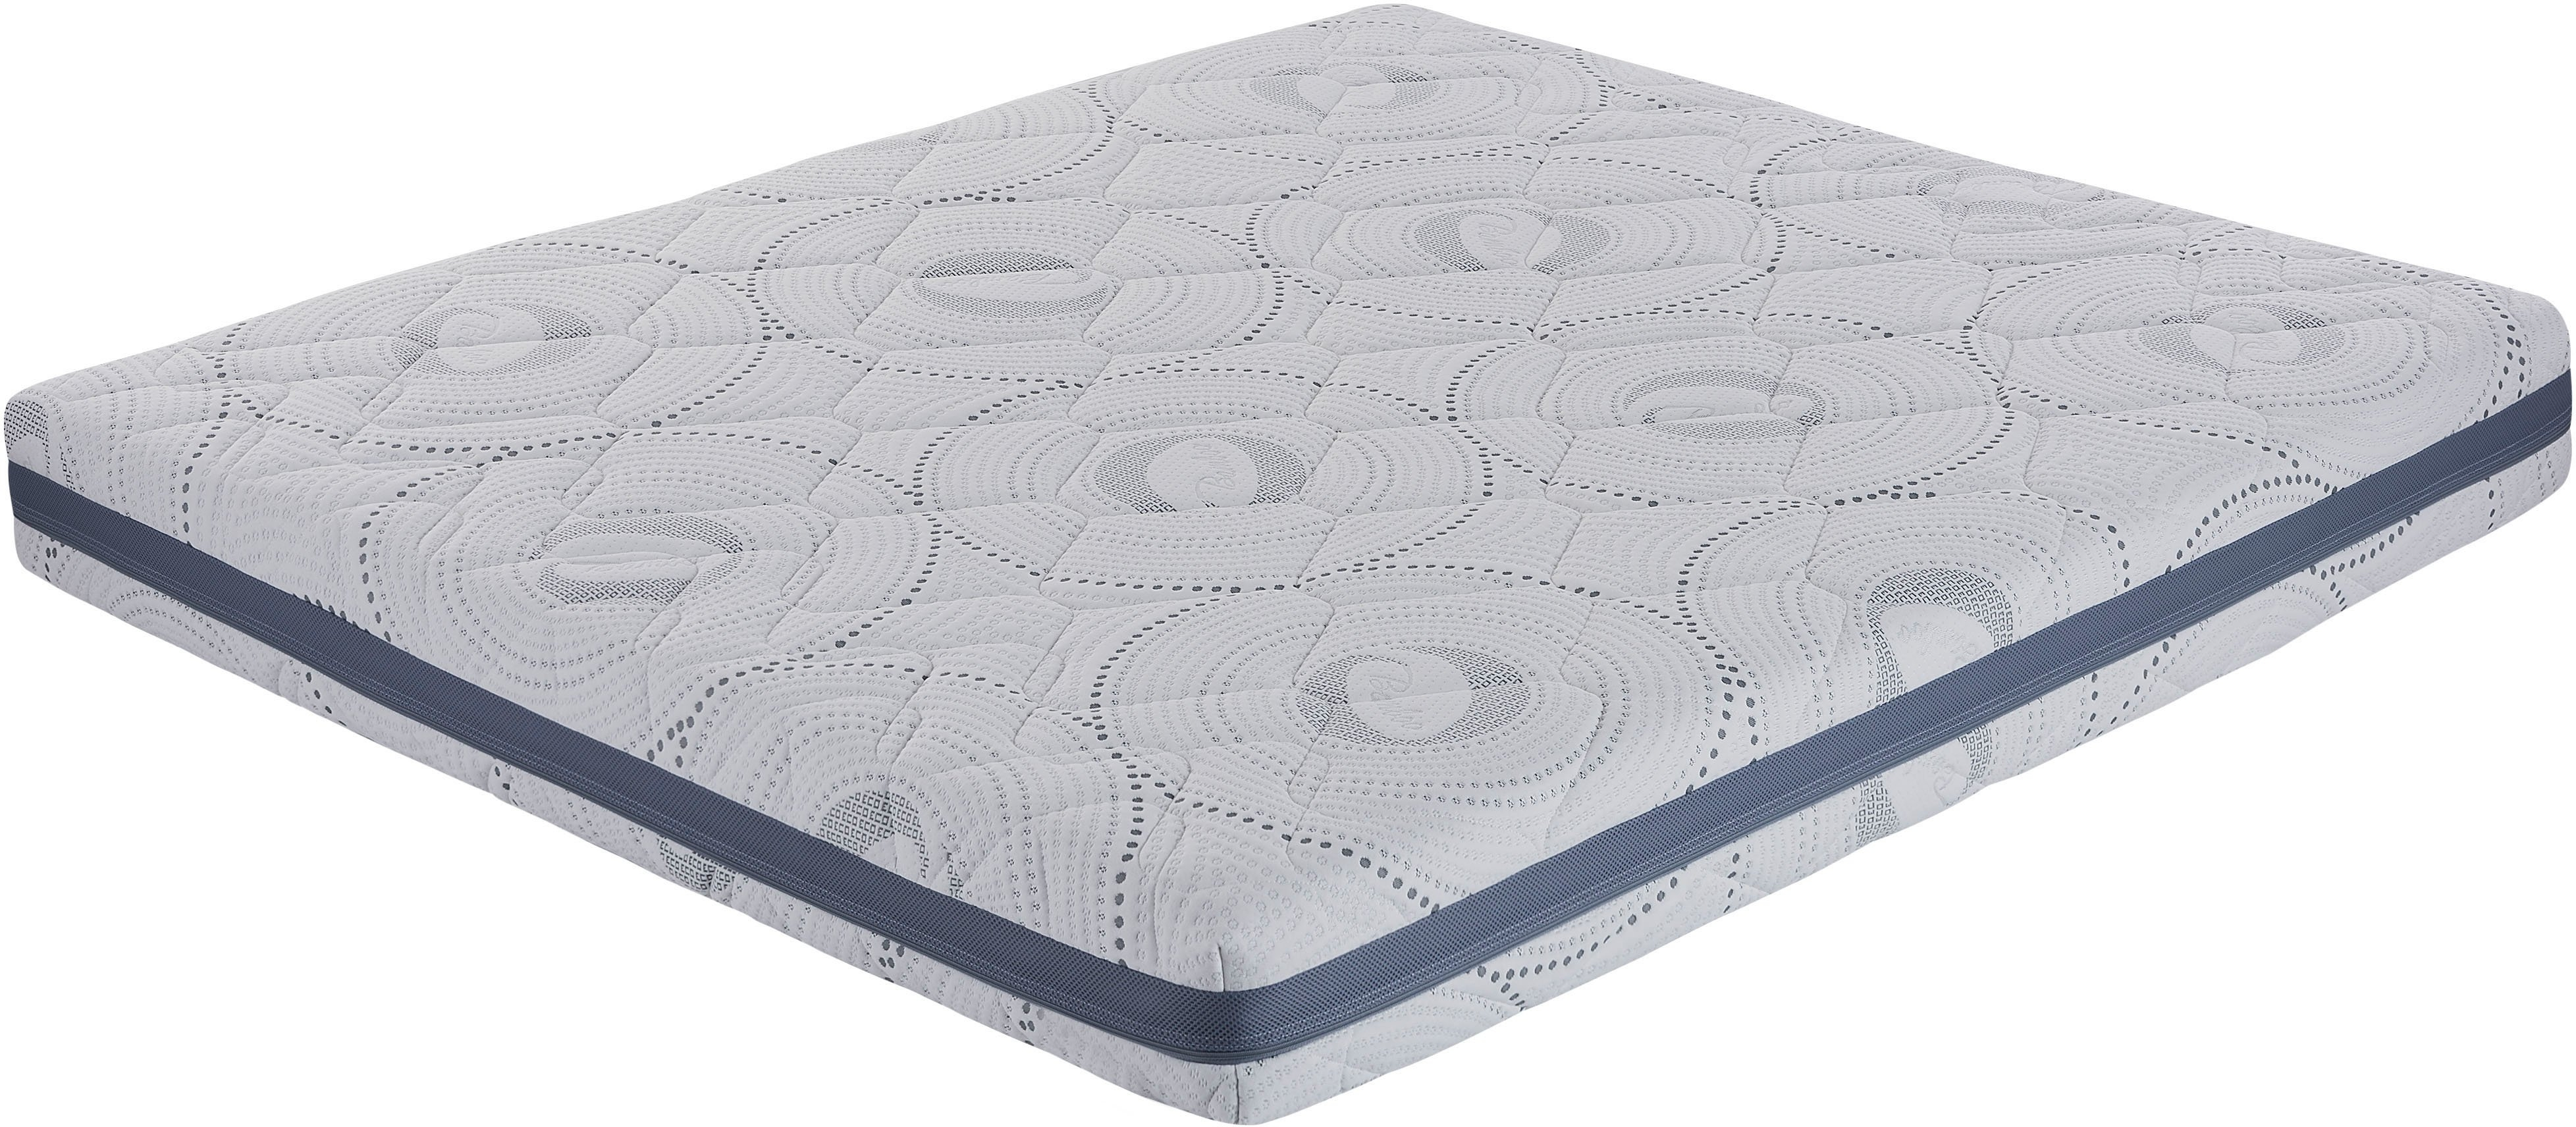 Magniflex comfortschuimmatras Comfort Memory Deluxe 2 cm hoge visco-toplaag in de bekleding vastgestikt en extra ingewerkt hoogte 22 cm online kopen op otto.nl